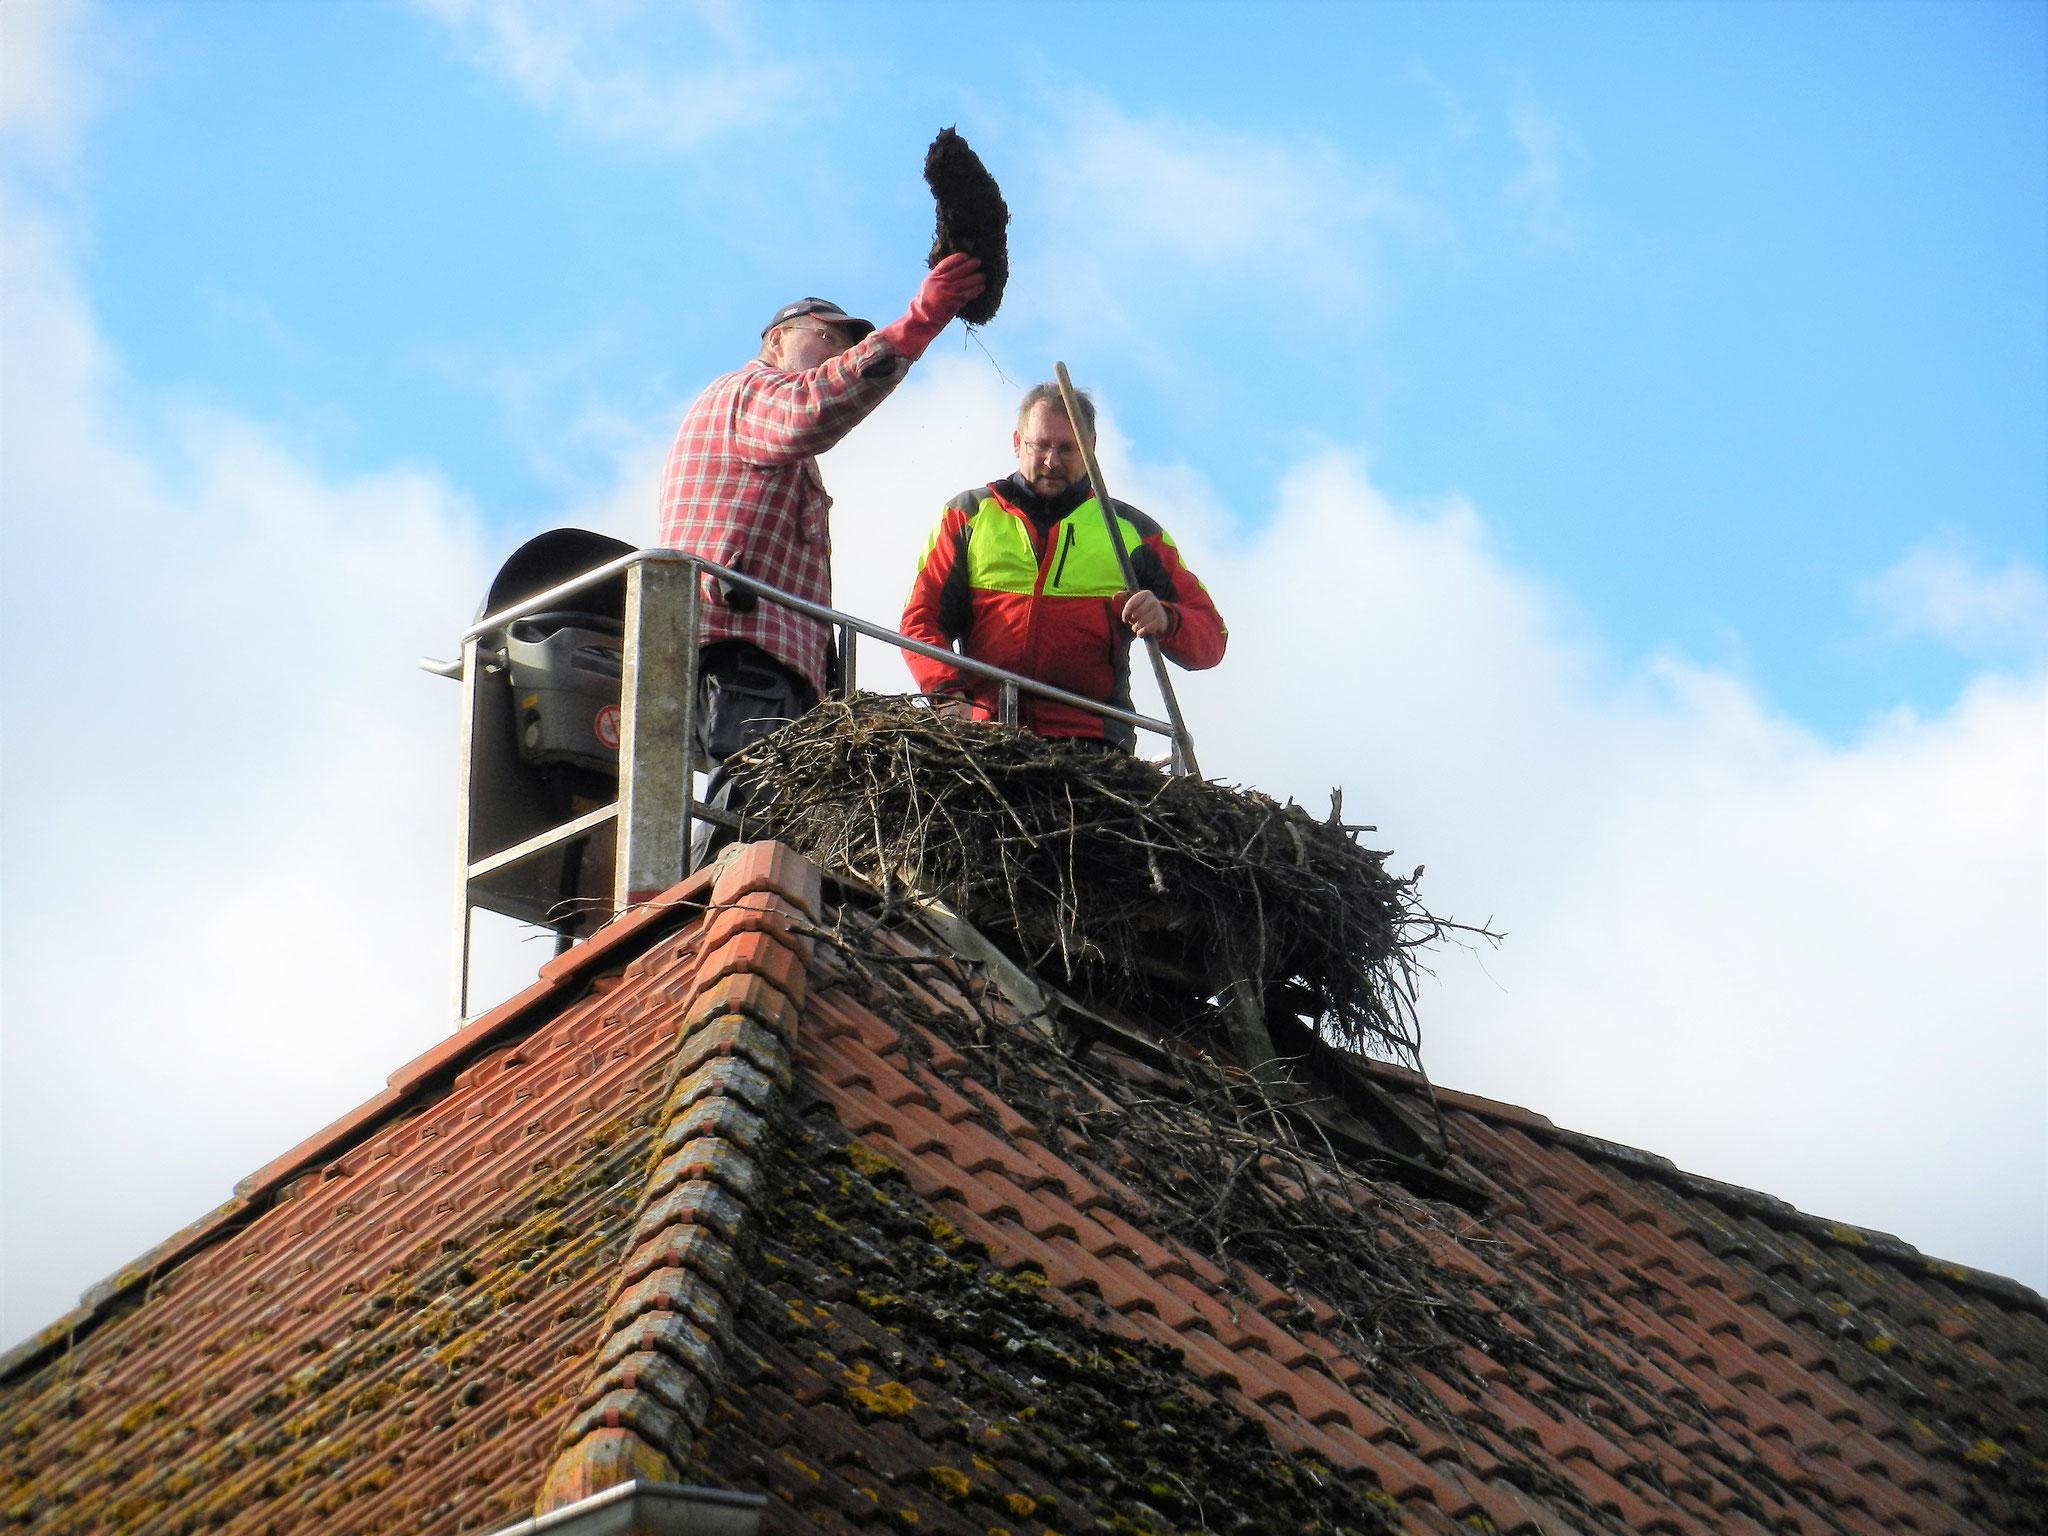 Ein großer Brocken gefrorenes Nestmaterial fand sich noch im Nest auf der Feuerwehr